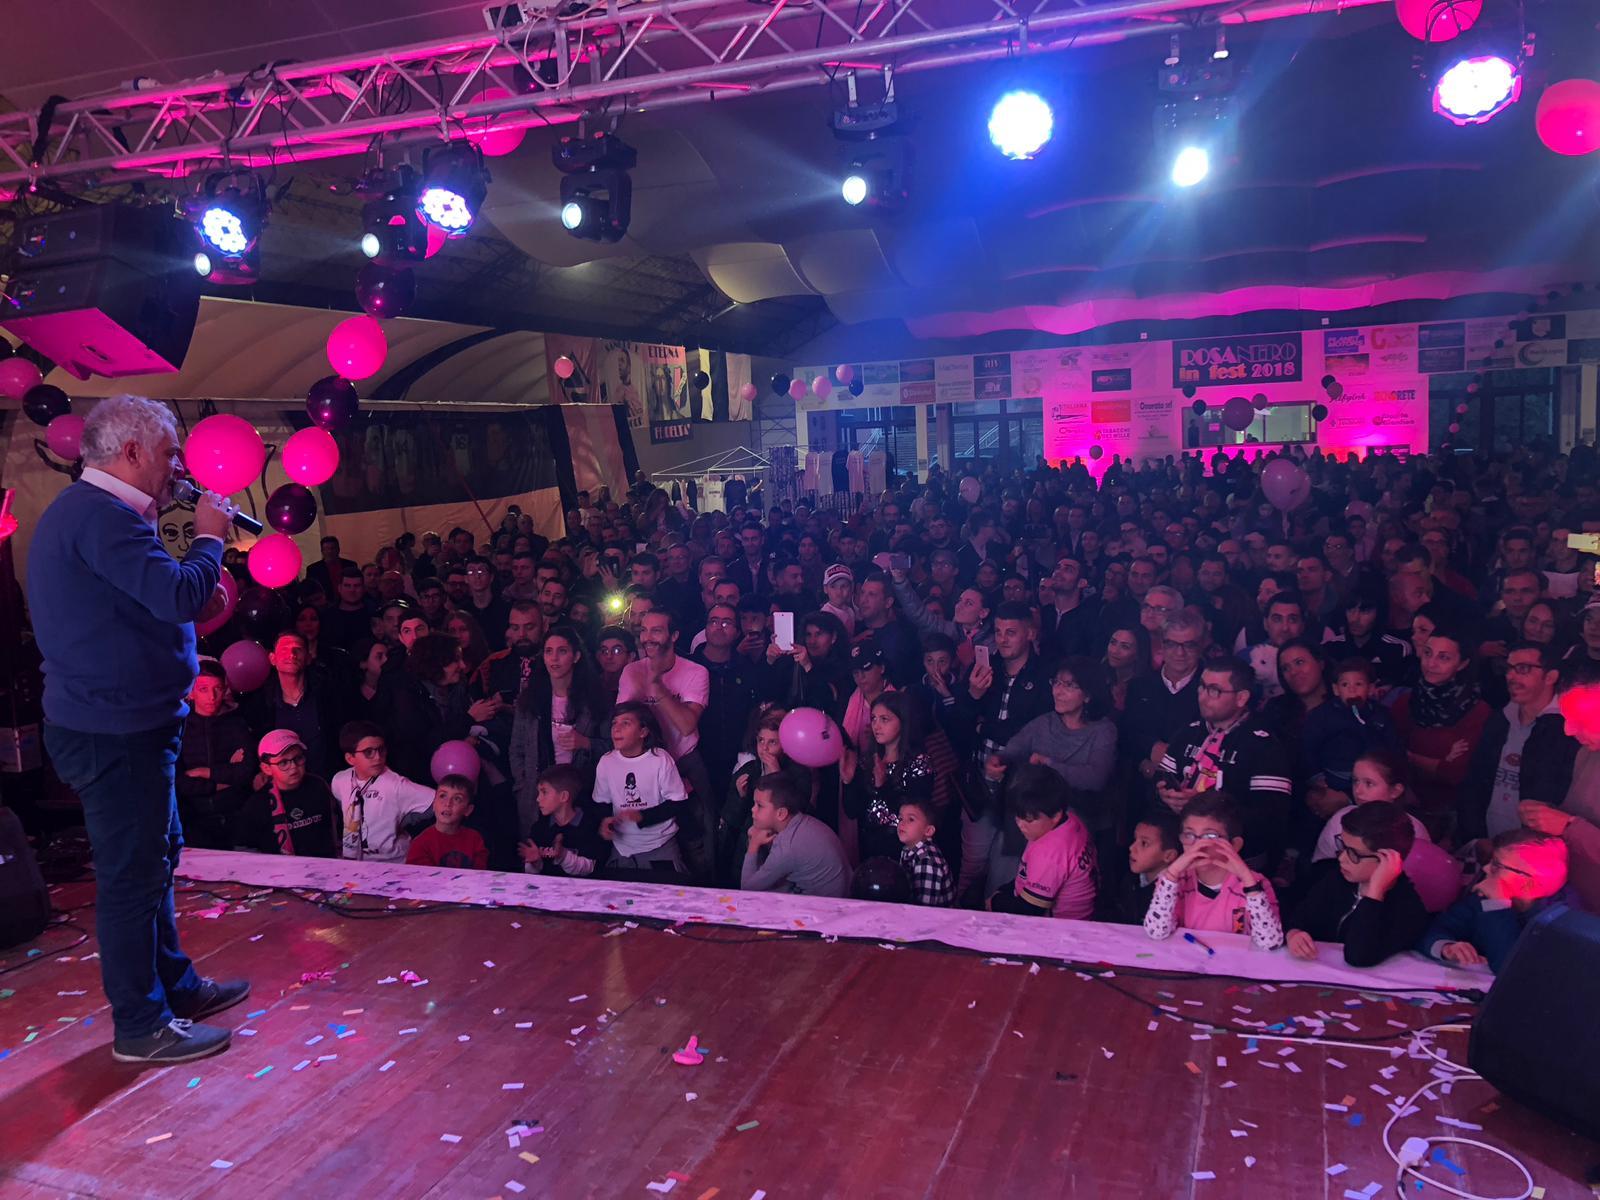 """Prosegue il programma di Rosanero in Fest, la festa dei colori rosanero e nella giornata di domenica, arriva uno dei momenti più sentiti e toccanti: sul palco sale Tony Sperandeo, per salutare il popolo rosanero, ma anche e soprattutto per il ricordo commosso di Gigi Burruano, scomparso un anno fa, tra storie e aneddoti legati al tifo per il Palermo LE FOTO DI ROSANERO IN FEST: LA VISITA DEI GIOCATORI Un momento toccante a cui Sperandeo aggiunge alla fine un appello a tutti i tifosi rosanero: """"Dobbiamo andare allo stadio, dobbiamo andare allo stadio… dobbiamo andare allo stadio! Giocare con"""